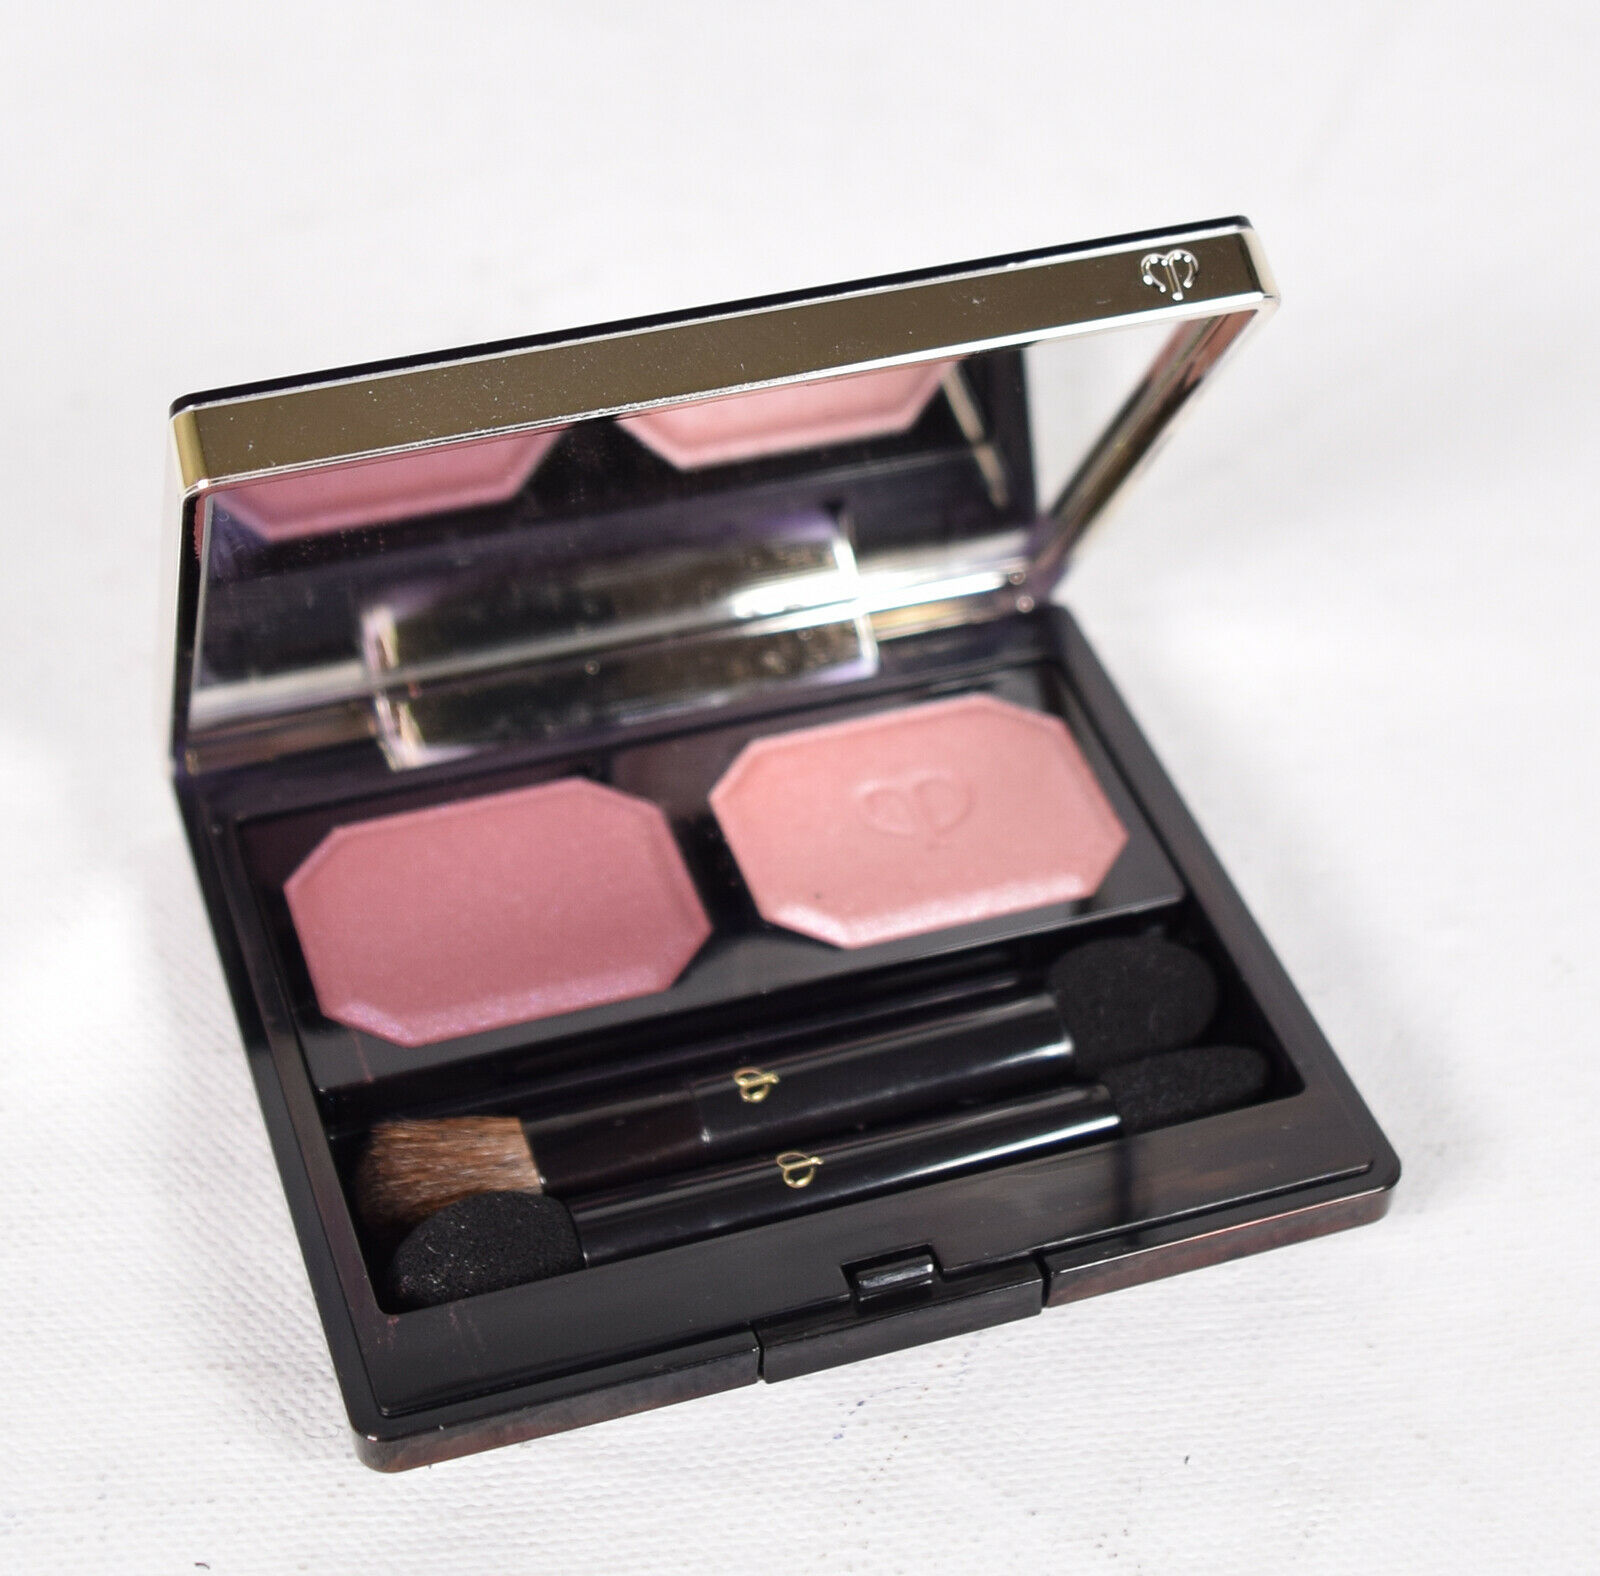 Cle De Peau Beaute Eye Color Duo Ombre Quad Case JSA - $49.50